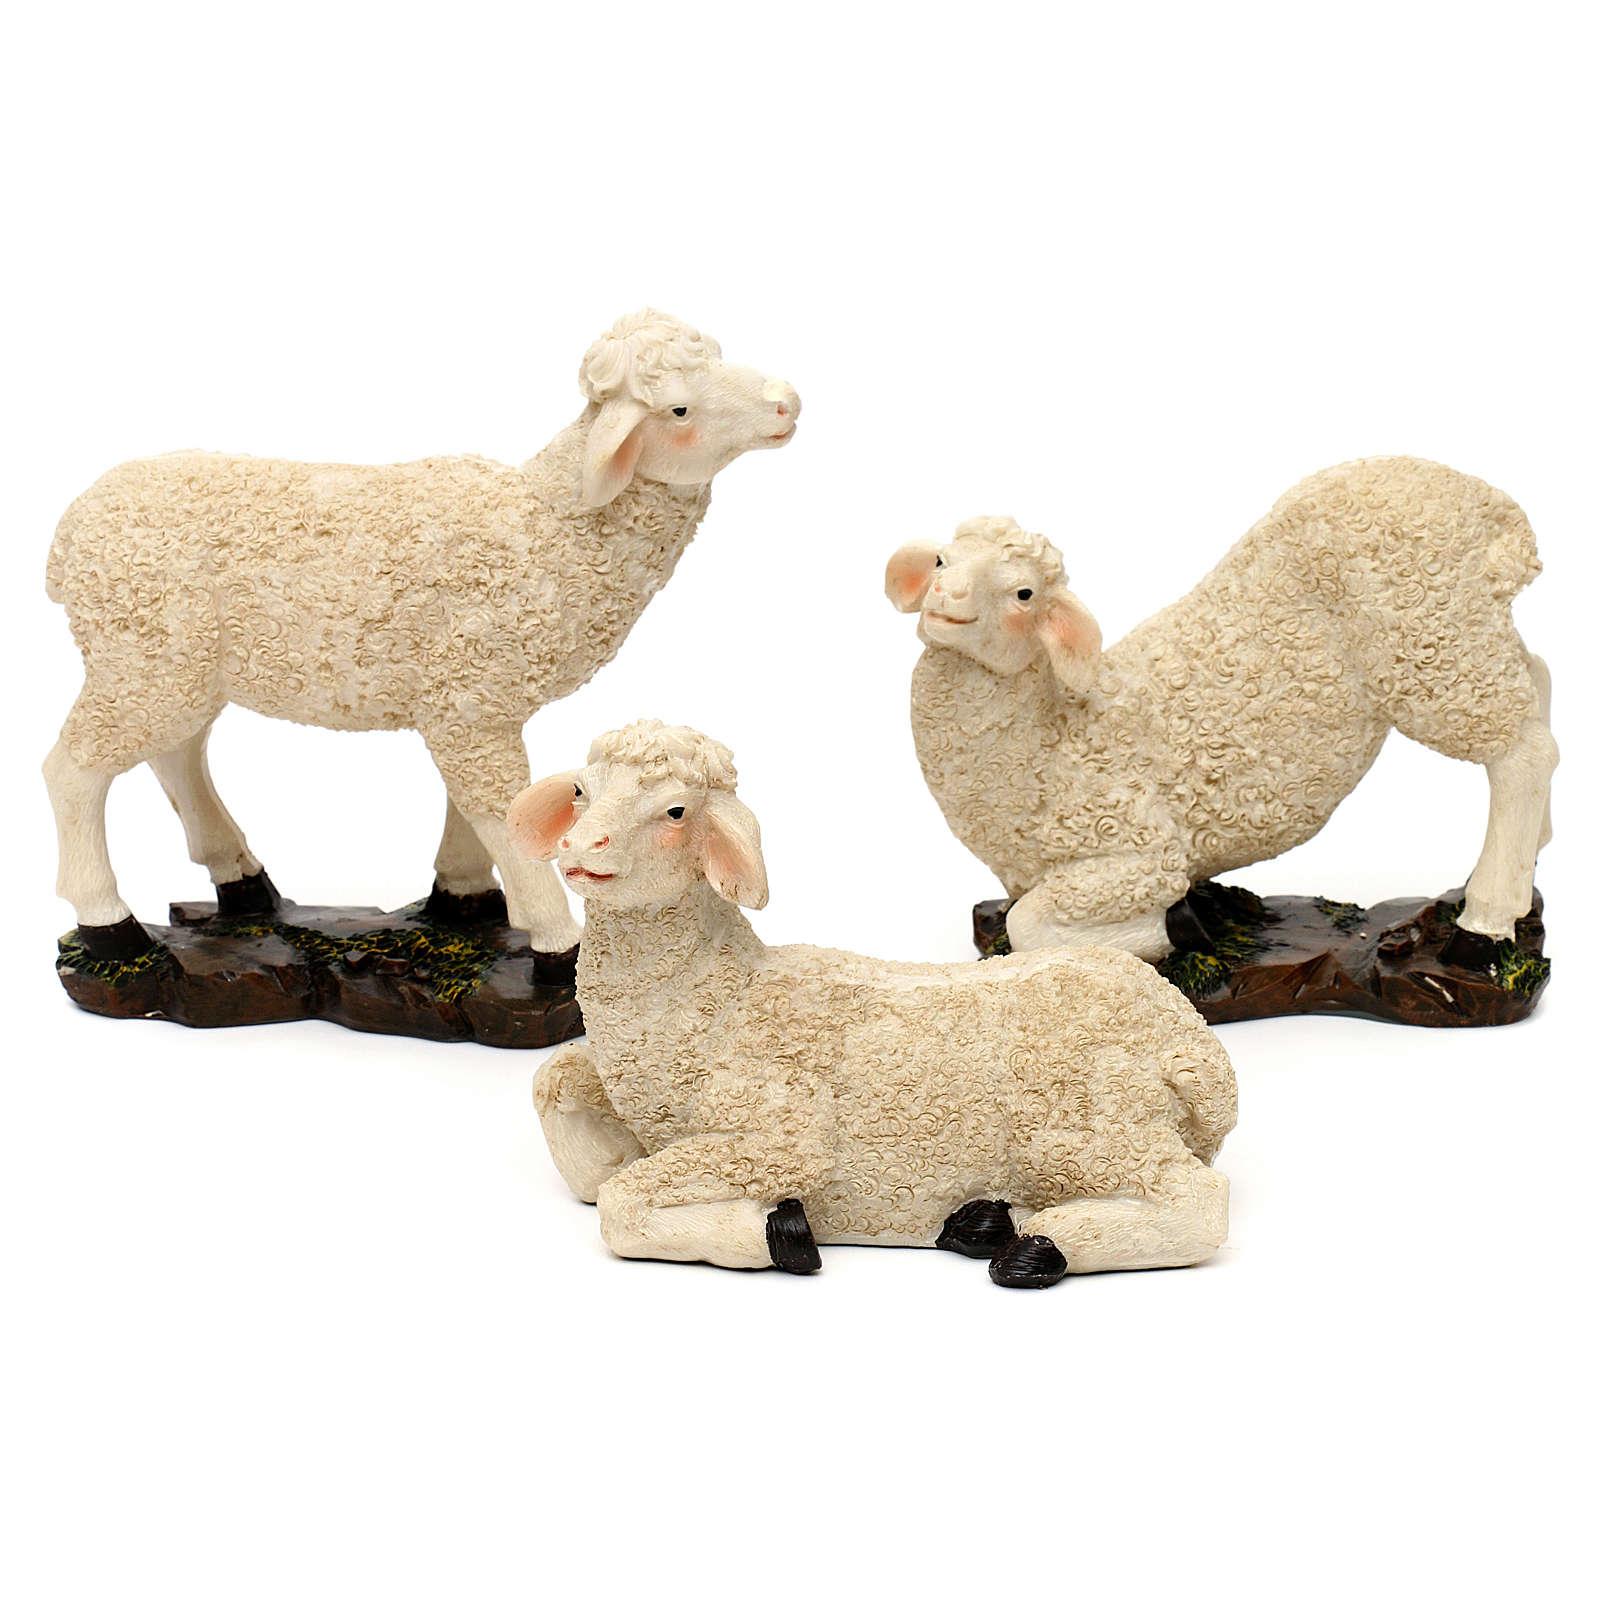 Presepe con pastori resina colorata 30 cm 4